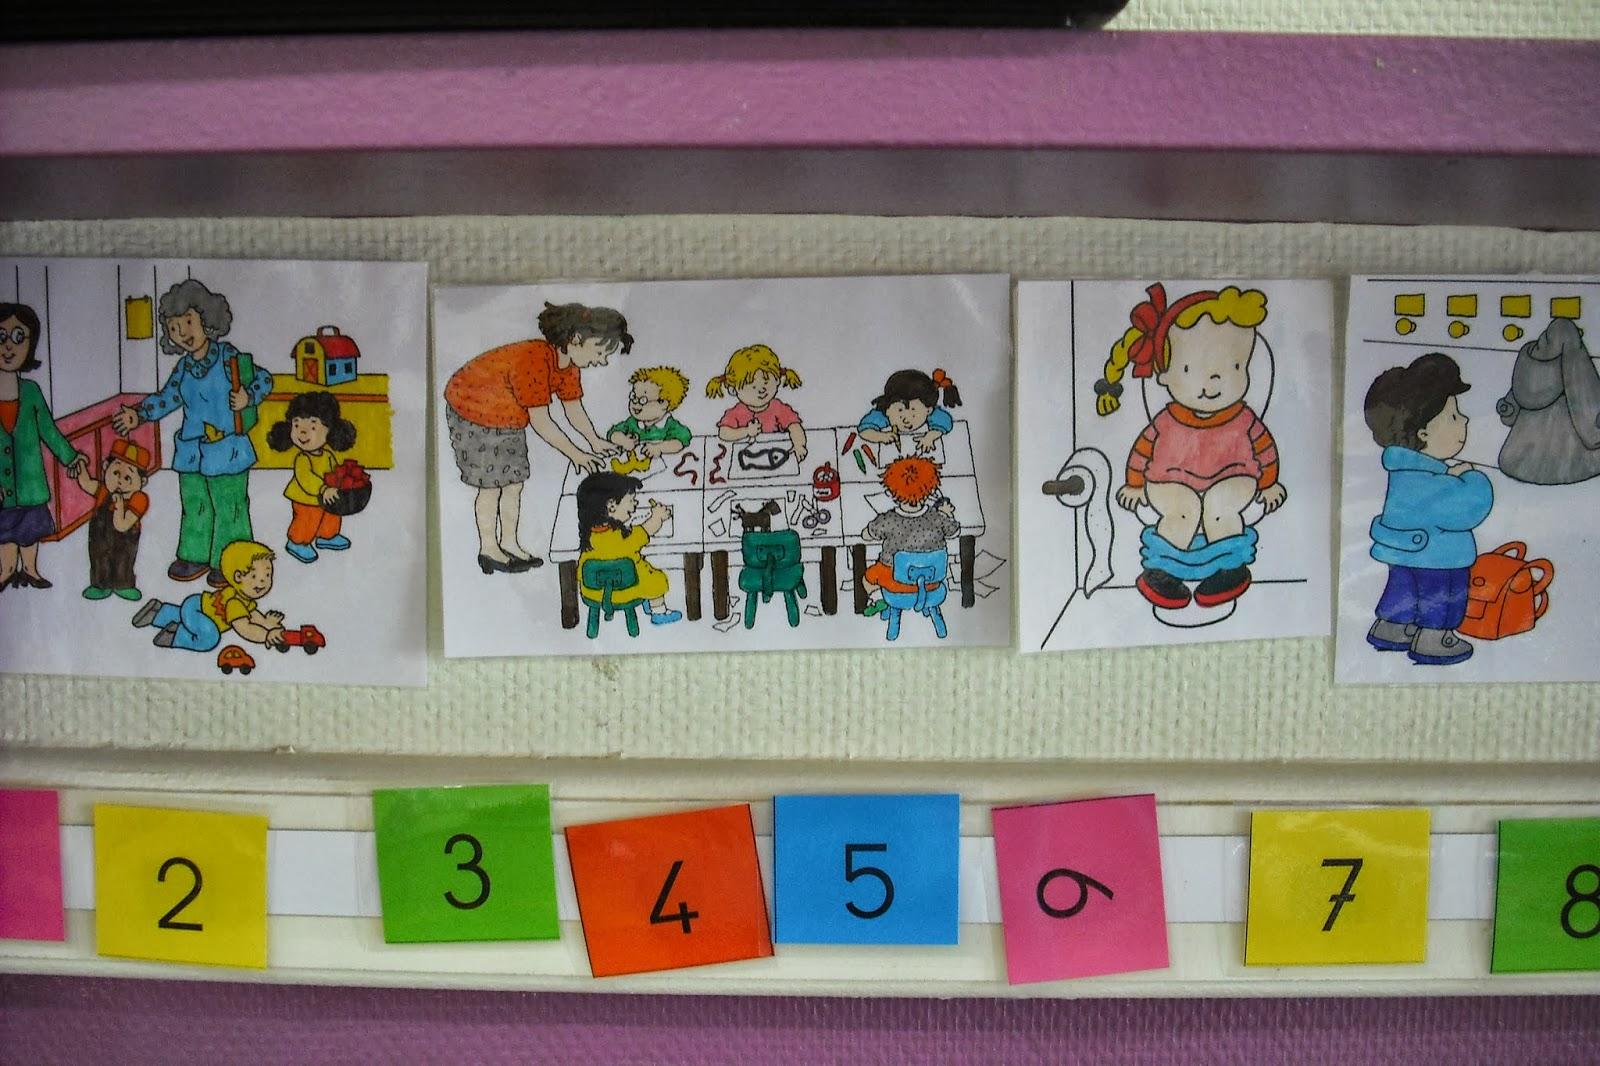 Ecole maternelle vitteaux au mois de septembre chez les moyens - Image d ecole maternelle ...